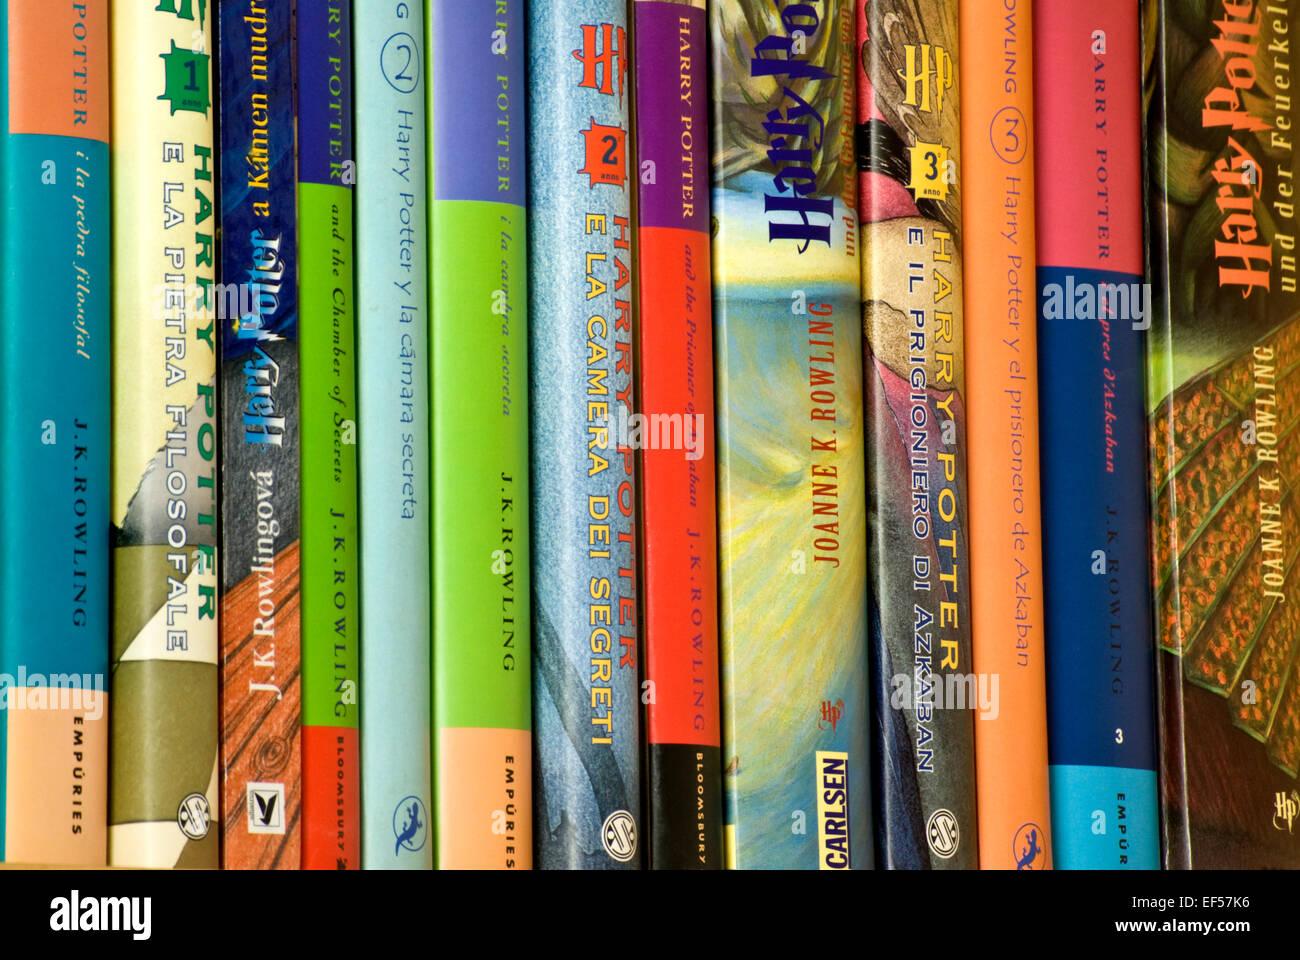 Translator Italian: J.K. Rowling's Harry Potter Books In Translation. Italian